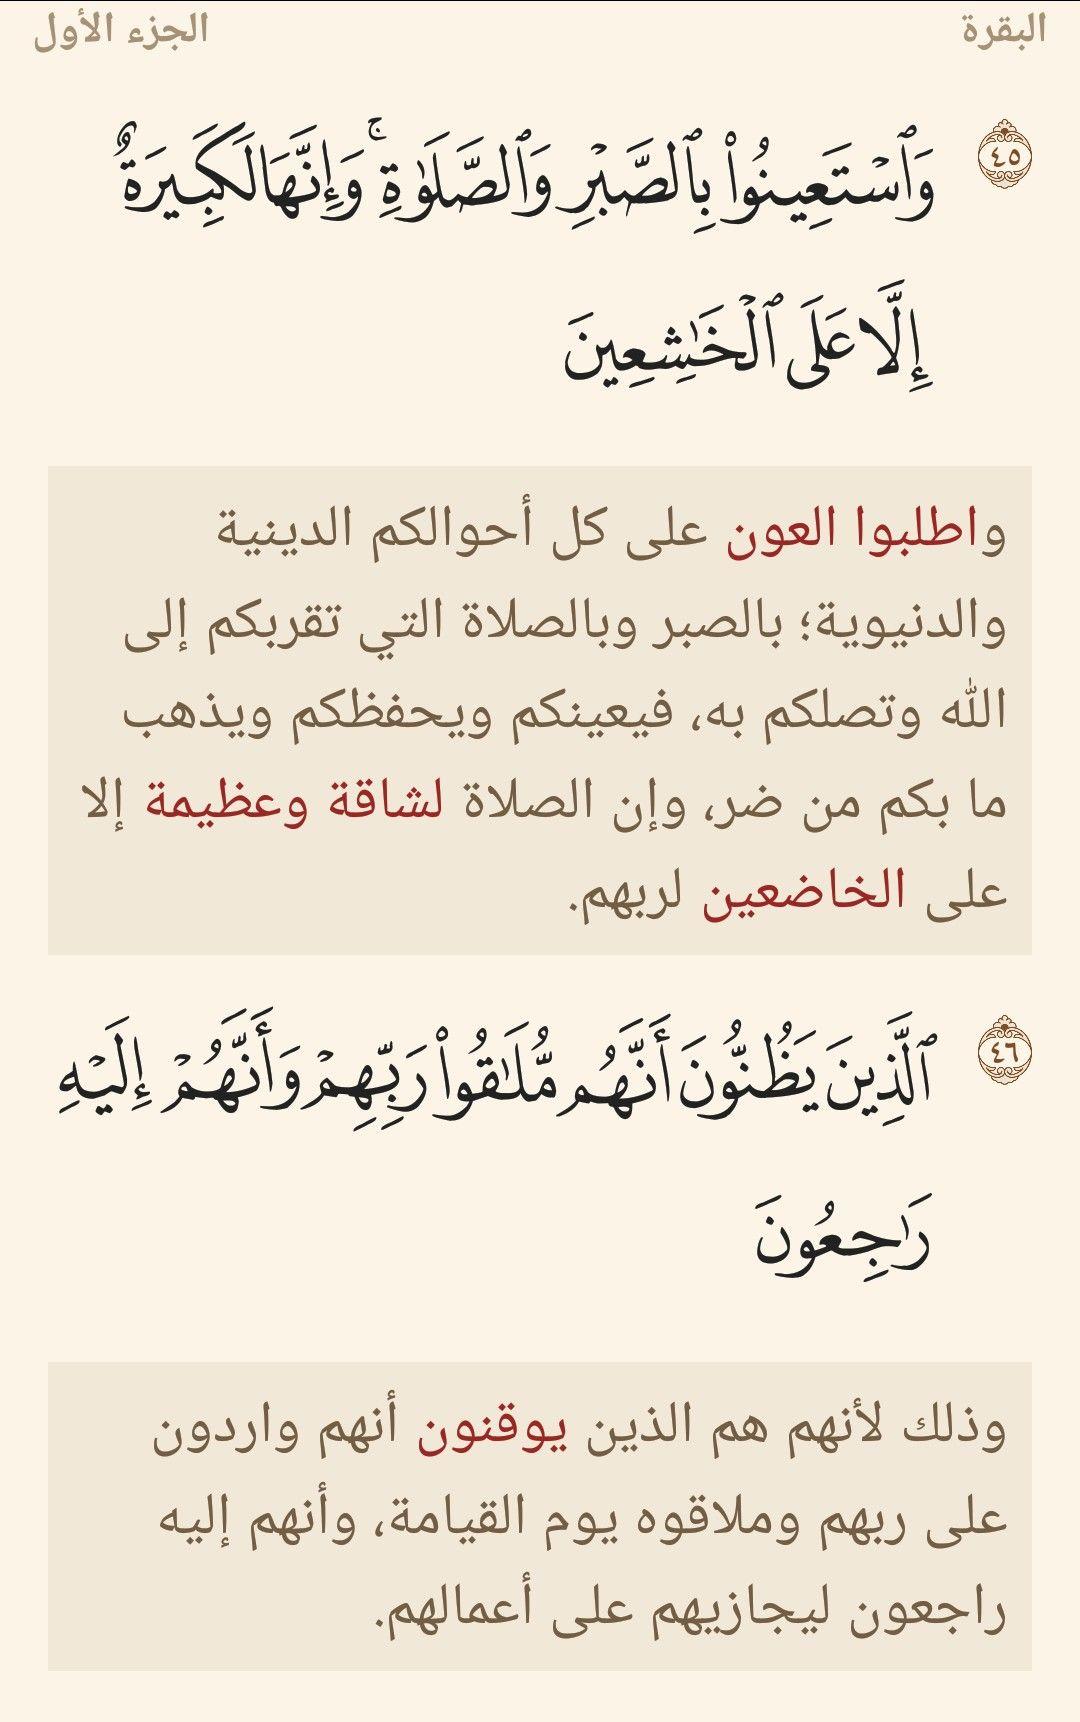 بـســم الله الــرحـمــان الــرحـيــم تفسير قوله تعالى و اس ت ع ين وا ب الص ب ر و الص ل اة و إ ن ه ا ل ك ب ير ة Noble Quran Quotes Islam Quran